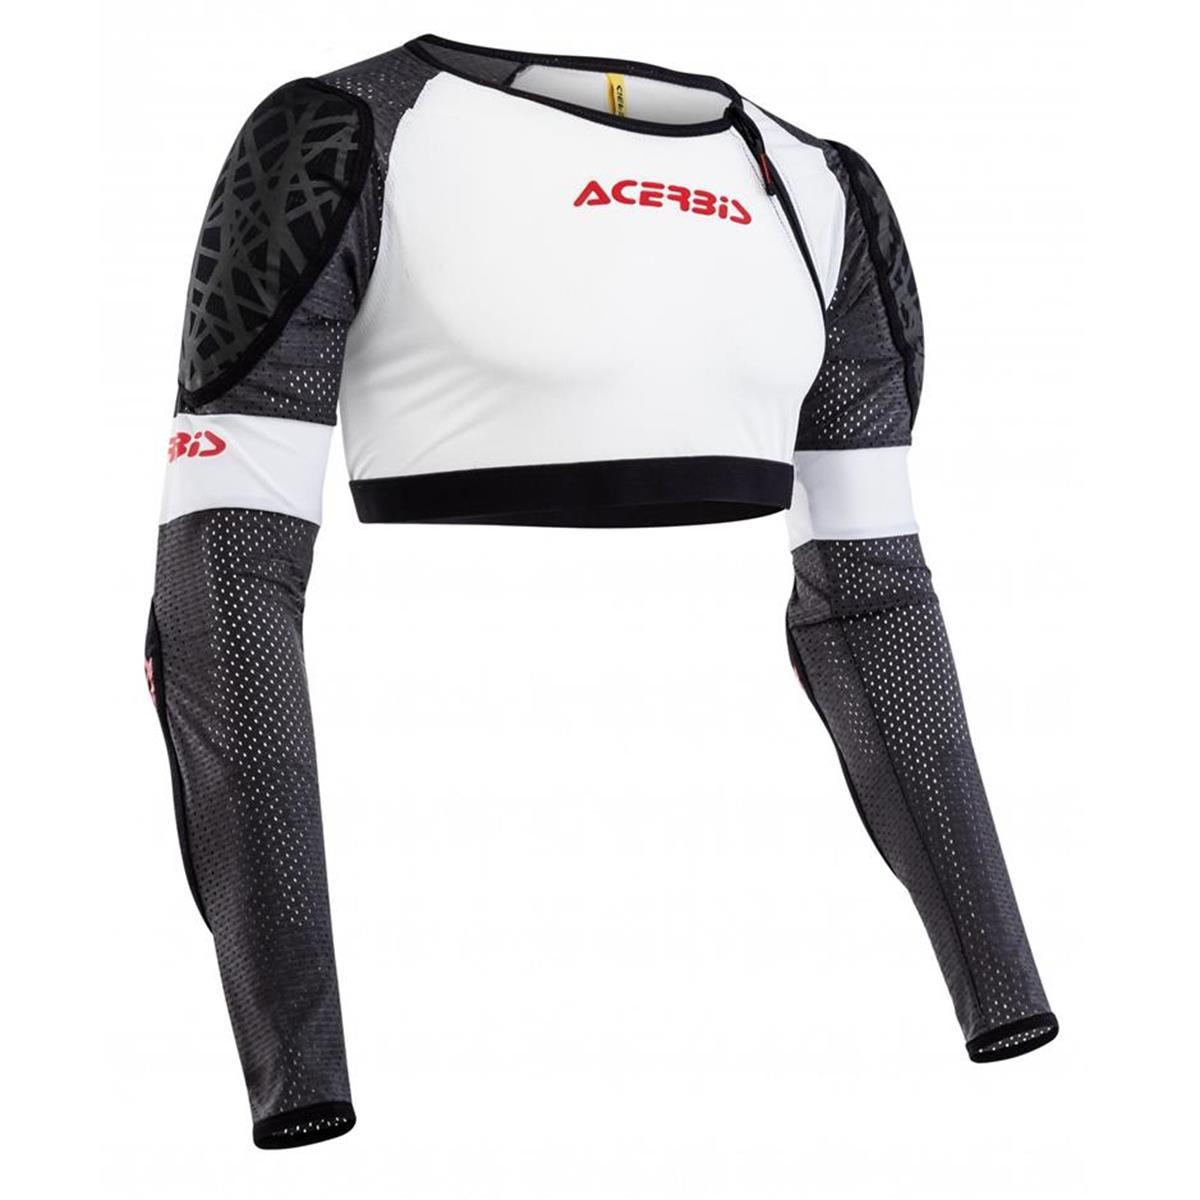 Acerbis Protektionshemd Galaxy Weiß/Schwarz